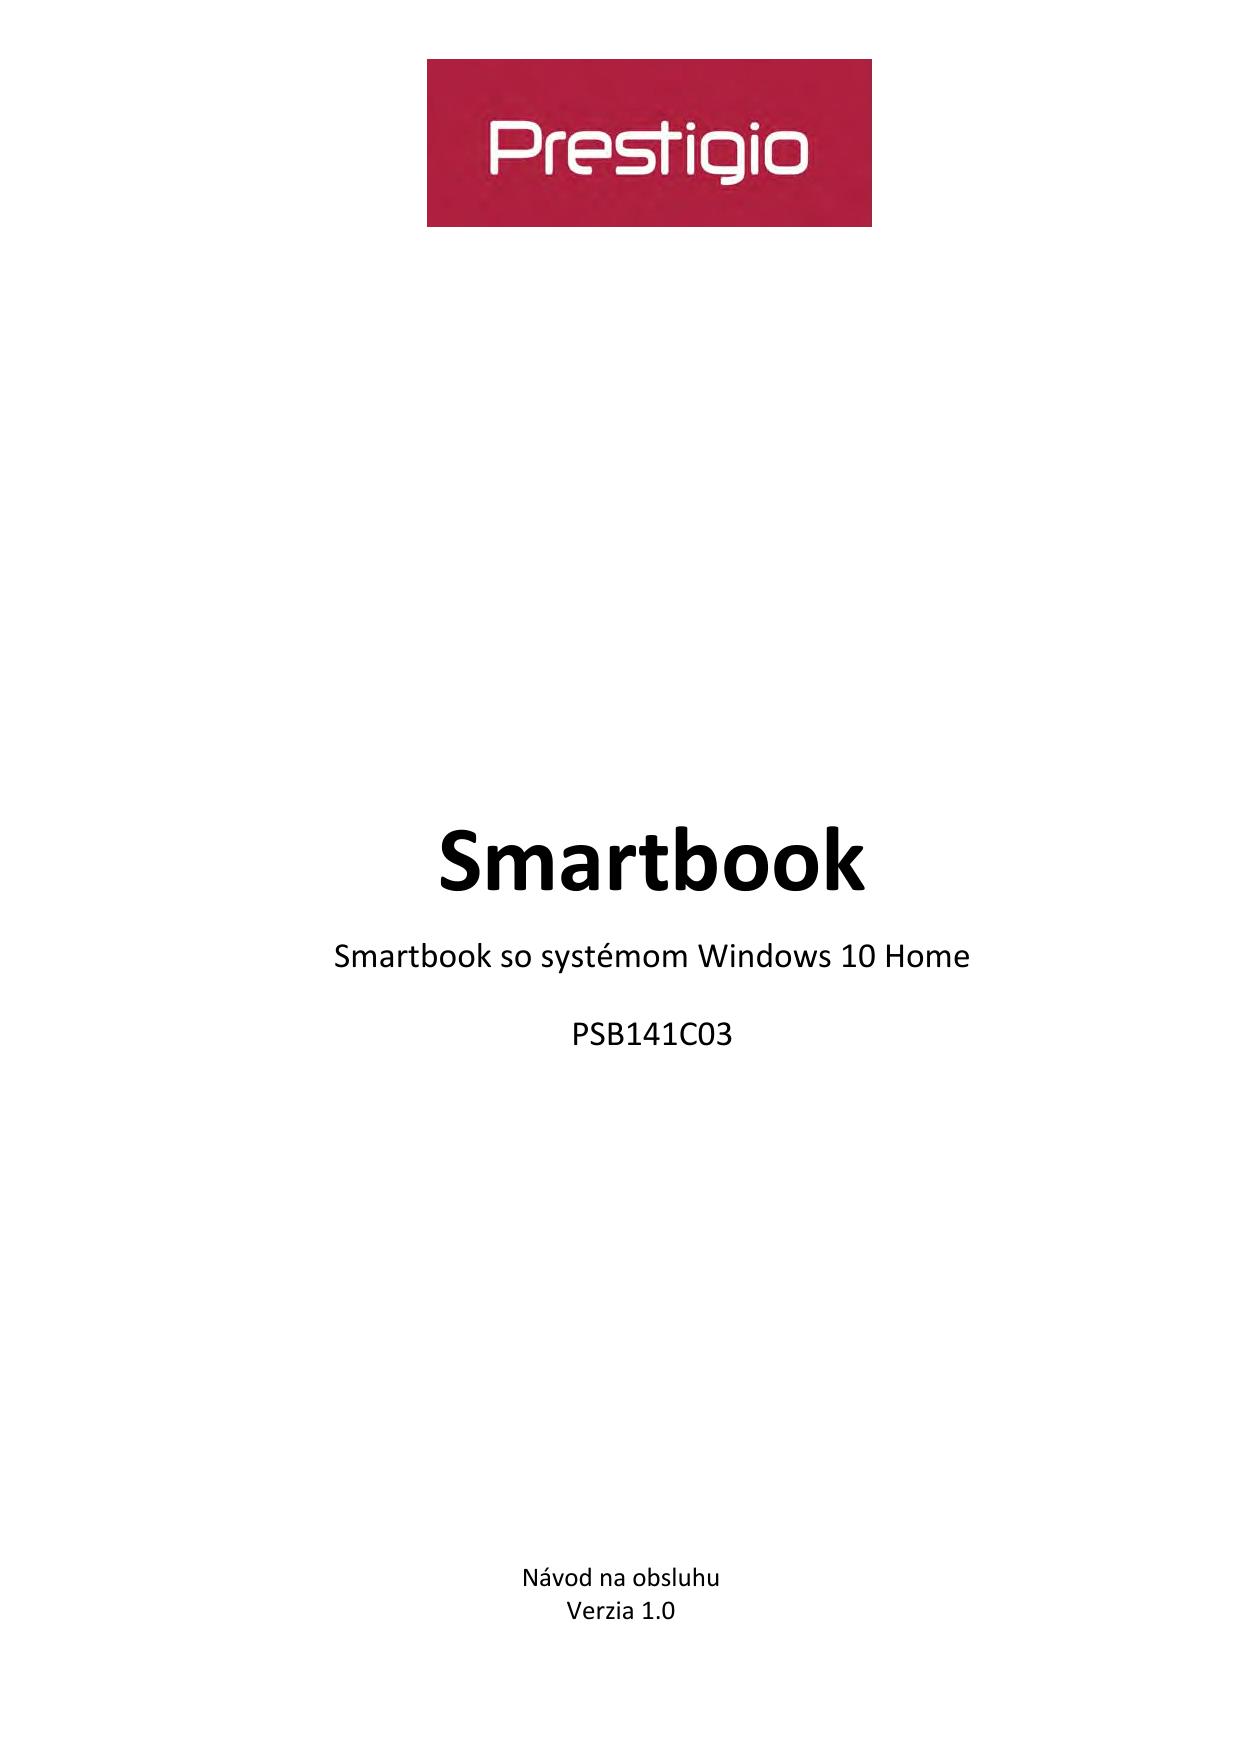 Prestigio Notebook Smartbook 141 C3 Používateľská príručka